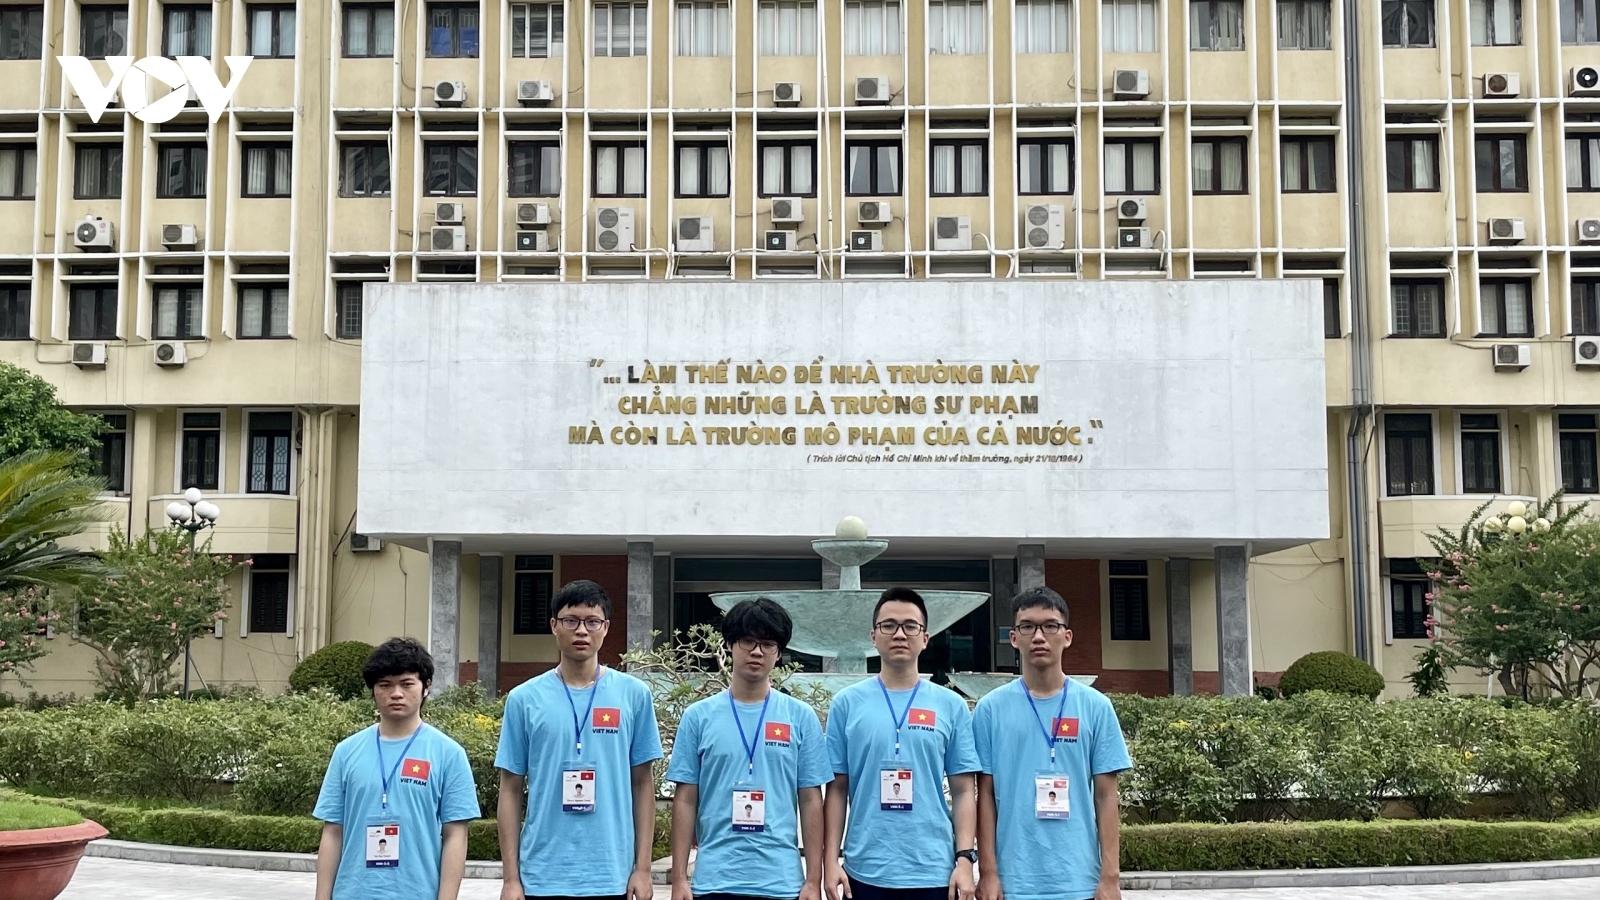 Cả 5 học sinh Việt Nam đều giành huy chương tại Olympic Vật lý 2021